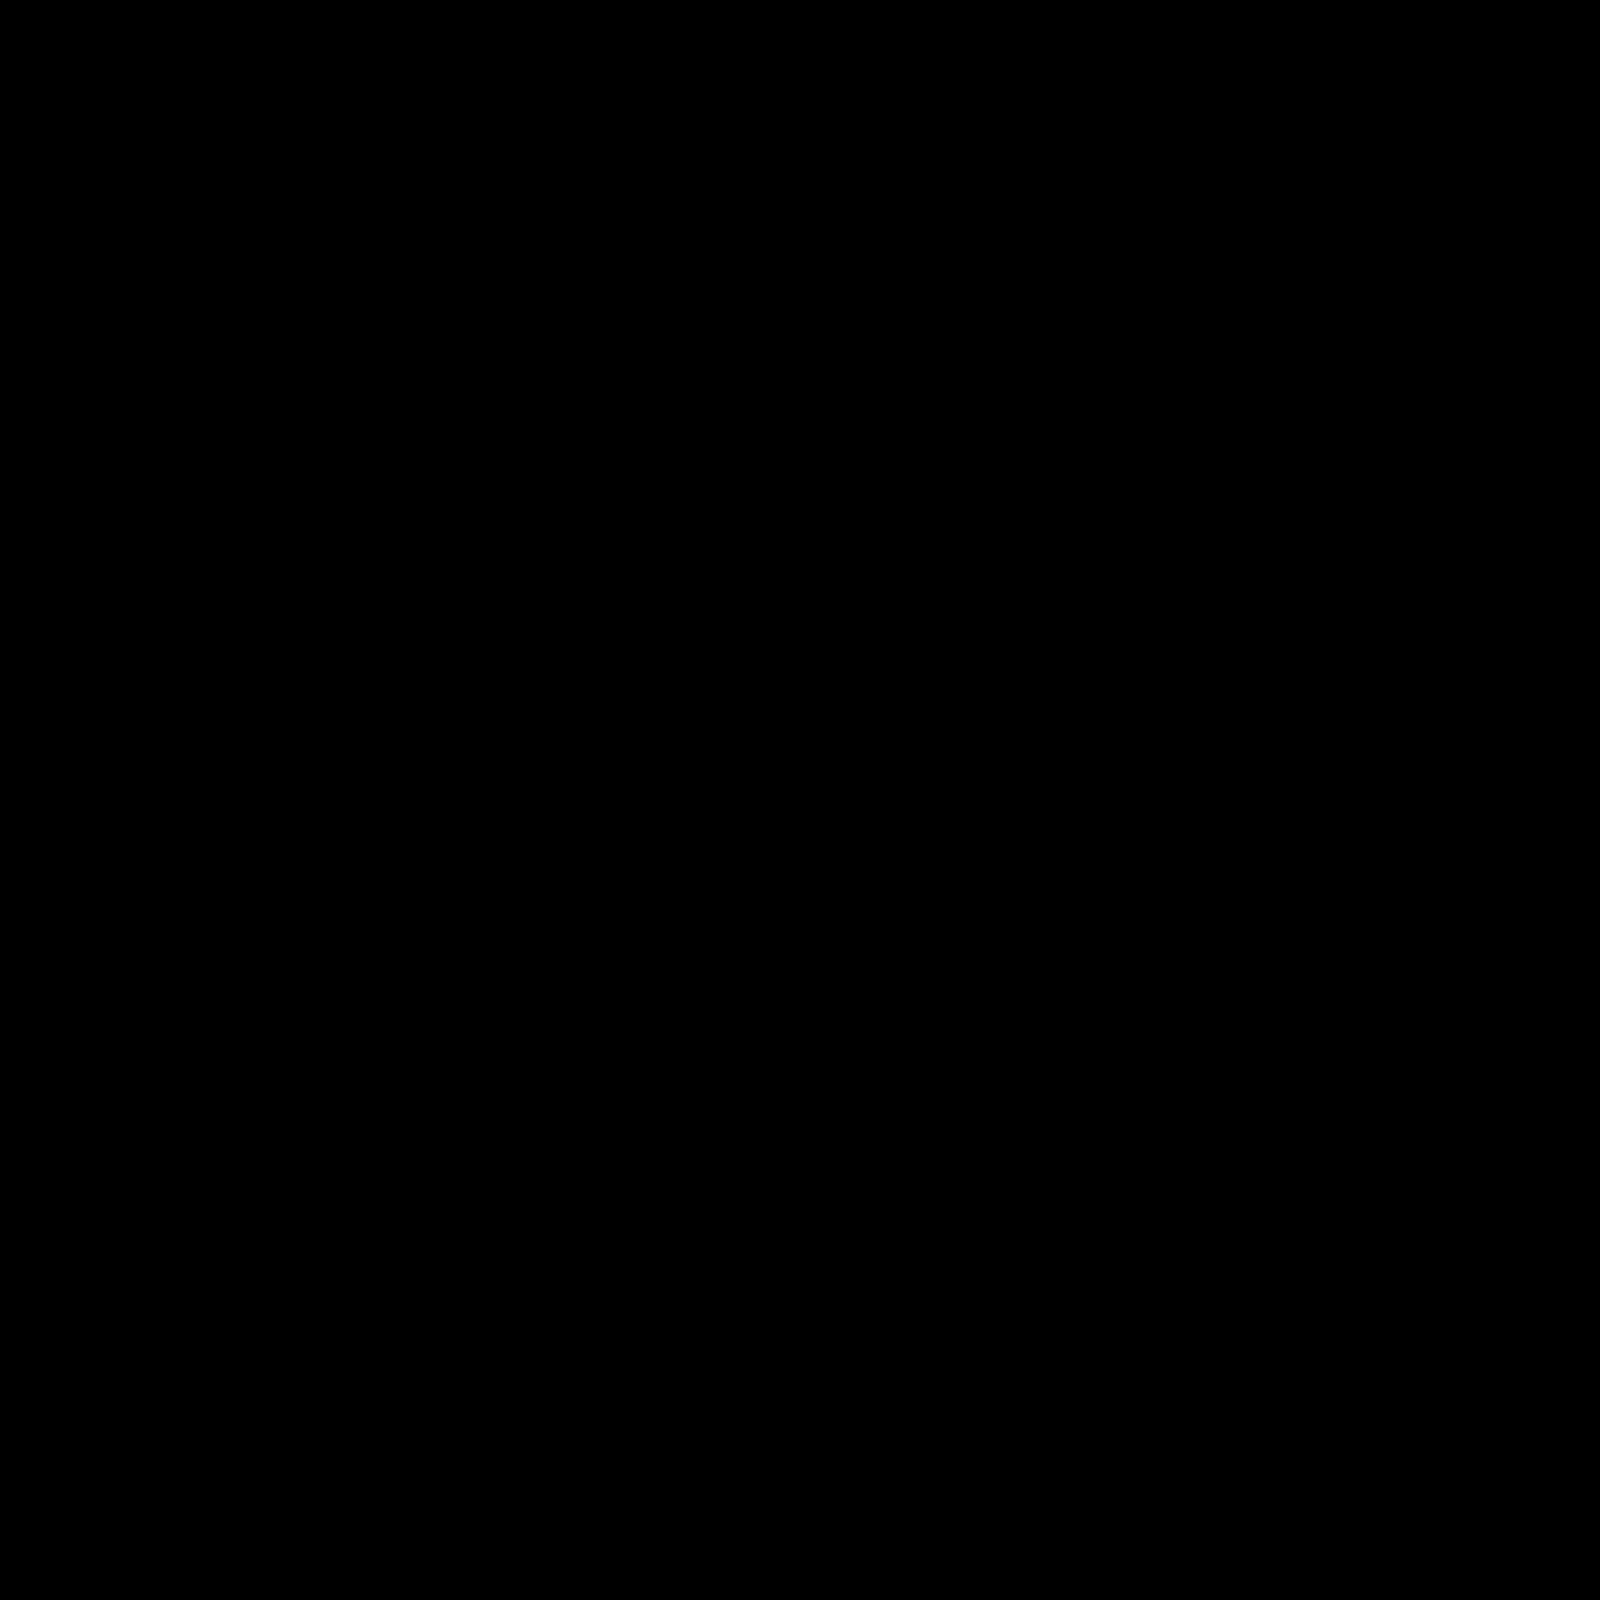 Лента новостей icon